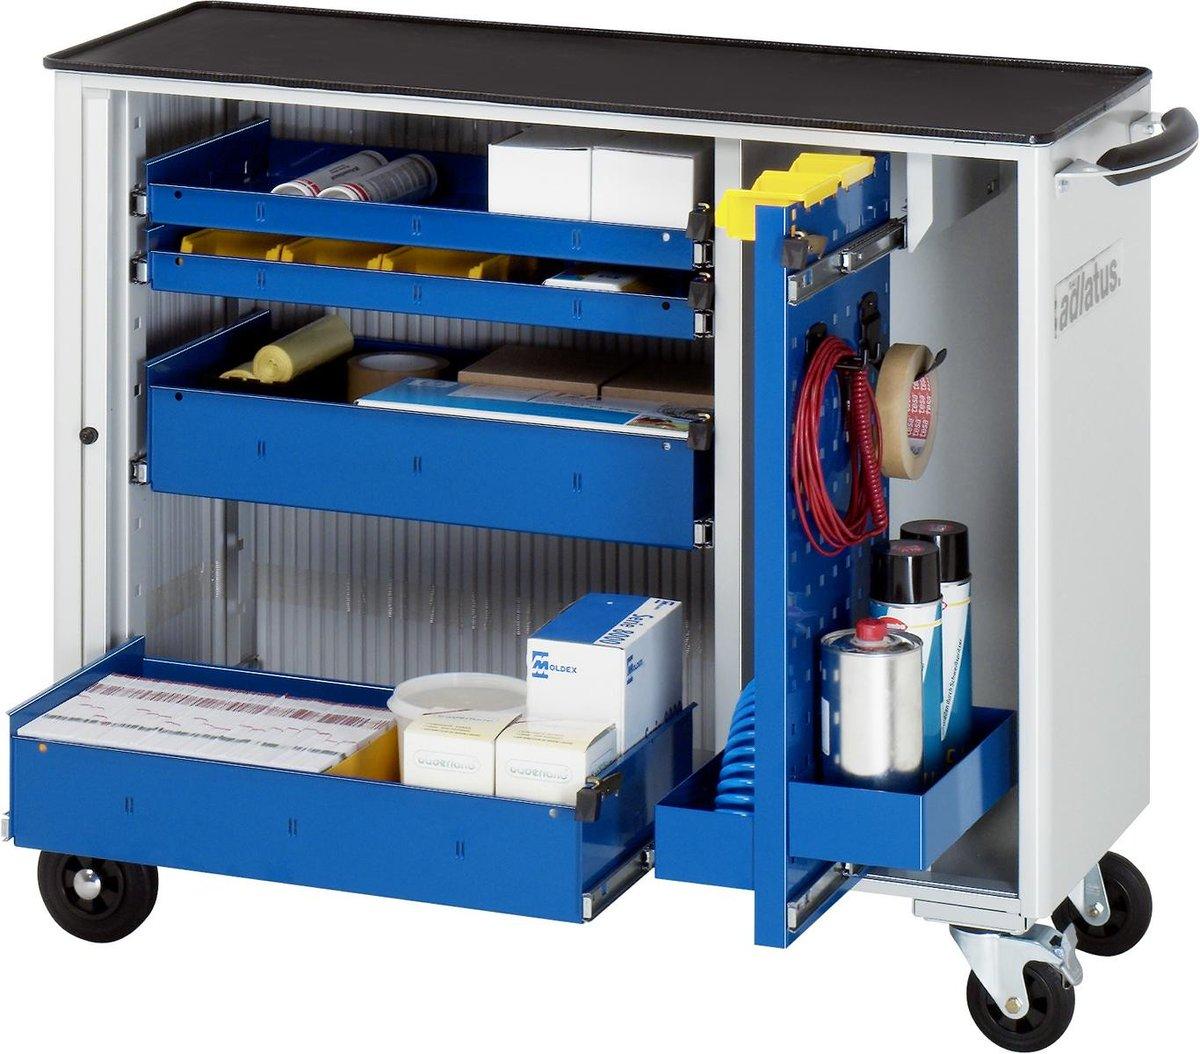 http://GTARDO.DE Werkzeugwagen Serie adlatus Modell 10010, 1025x400x860mm, Metall-Top 833,00 €  https://gtardo.de/werkzeugwagen-serie-adlatus-modell-10010-mit-metallauflage-1025x400x860mm-metall-top-4040376820075…pic.twitter.com/PPCQFbjLk7